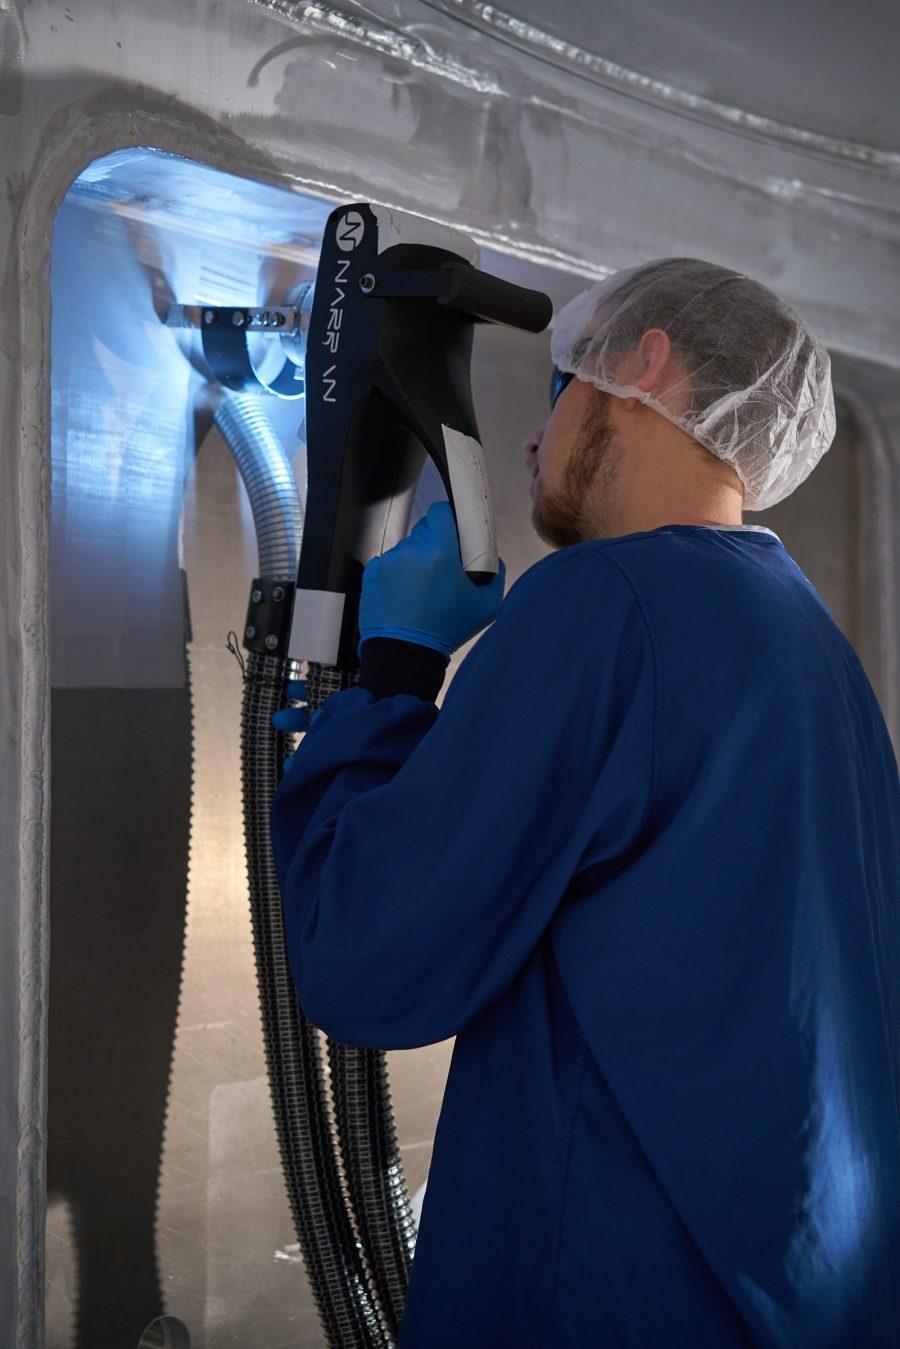 čištění laserem, odmašťování laserem